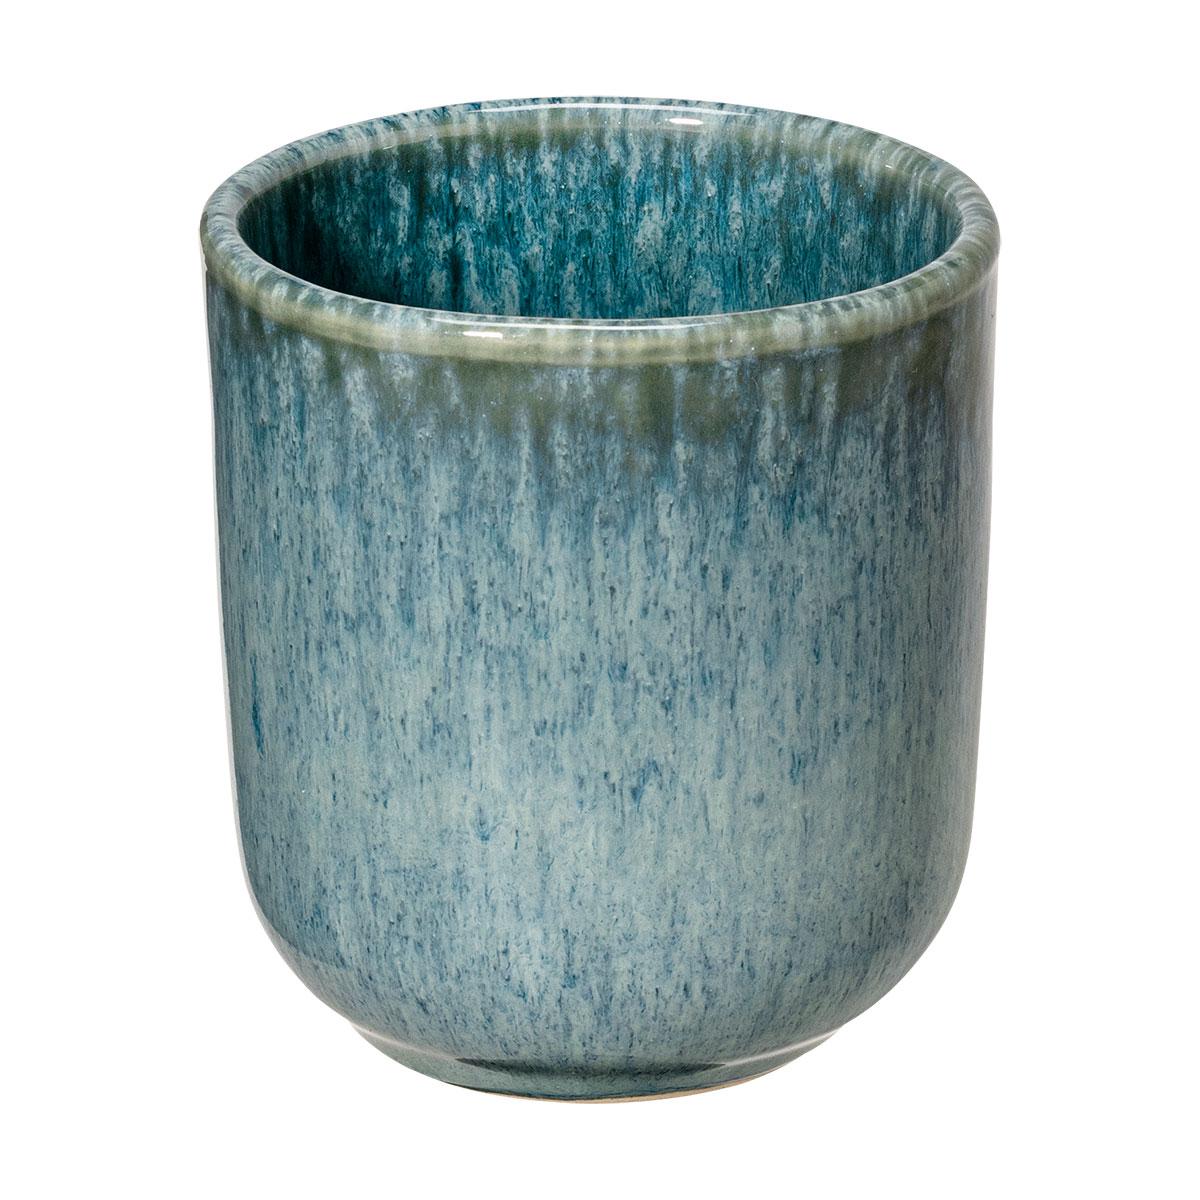 Criativa keramik krus 190 ml, tyrkis